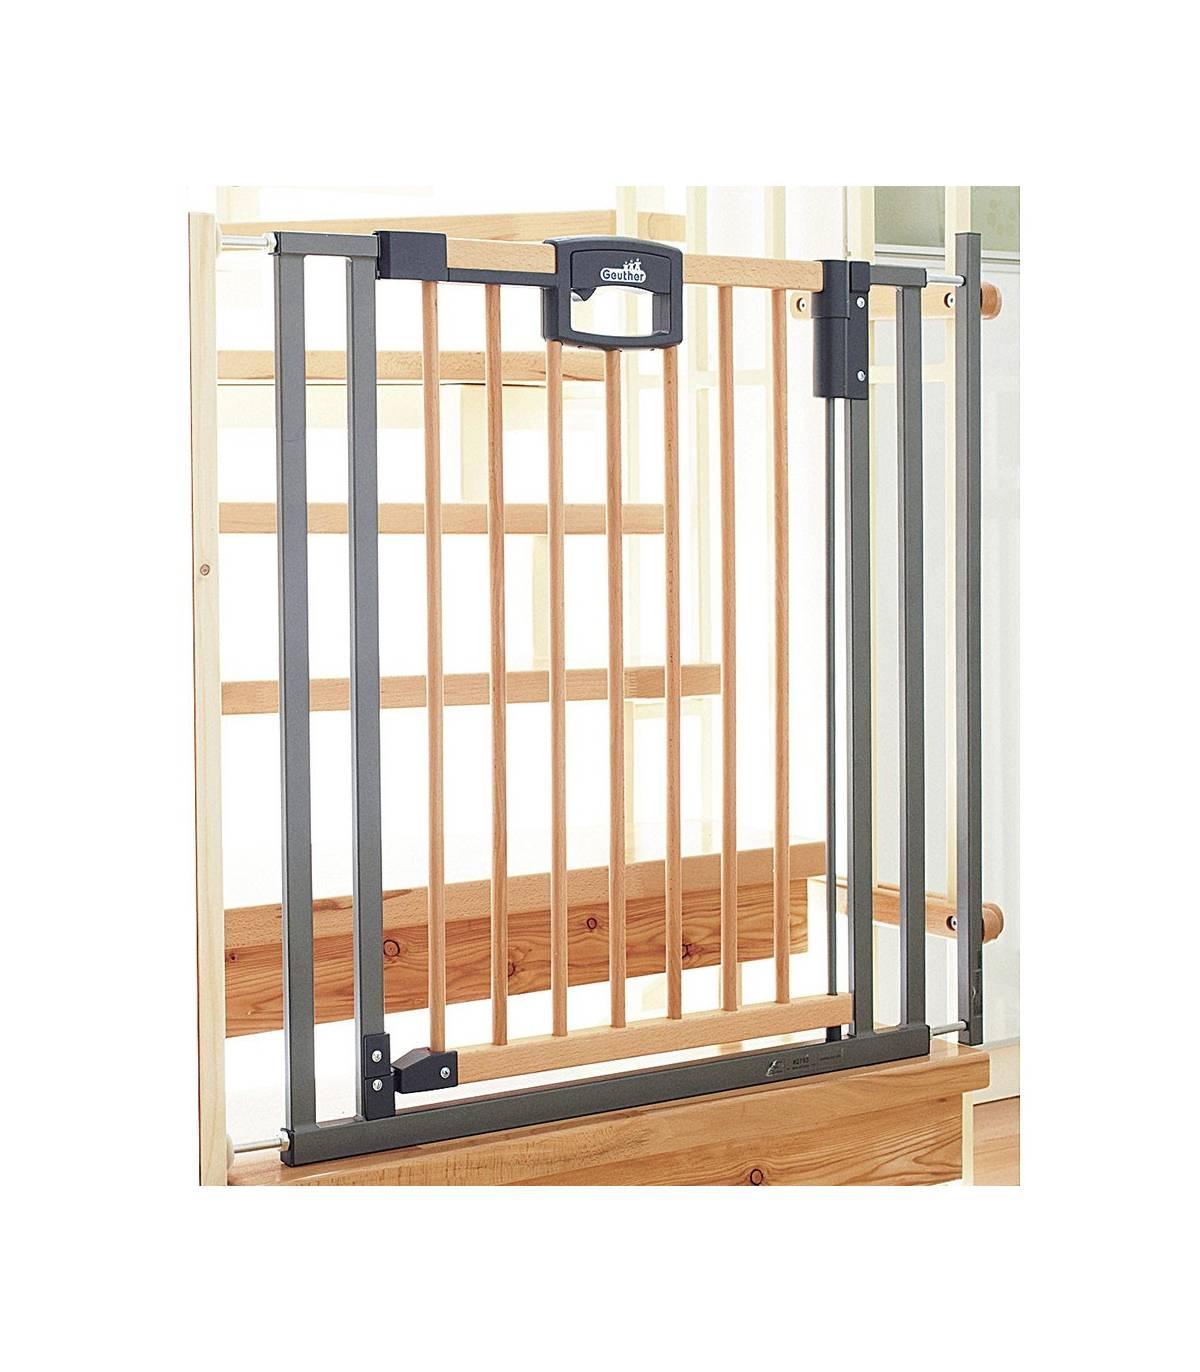 Geuther Easylock Pus-Wood Treppenschutzgitter Holz/Silber (2793+)